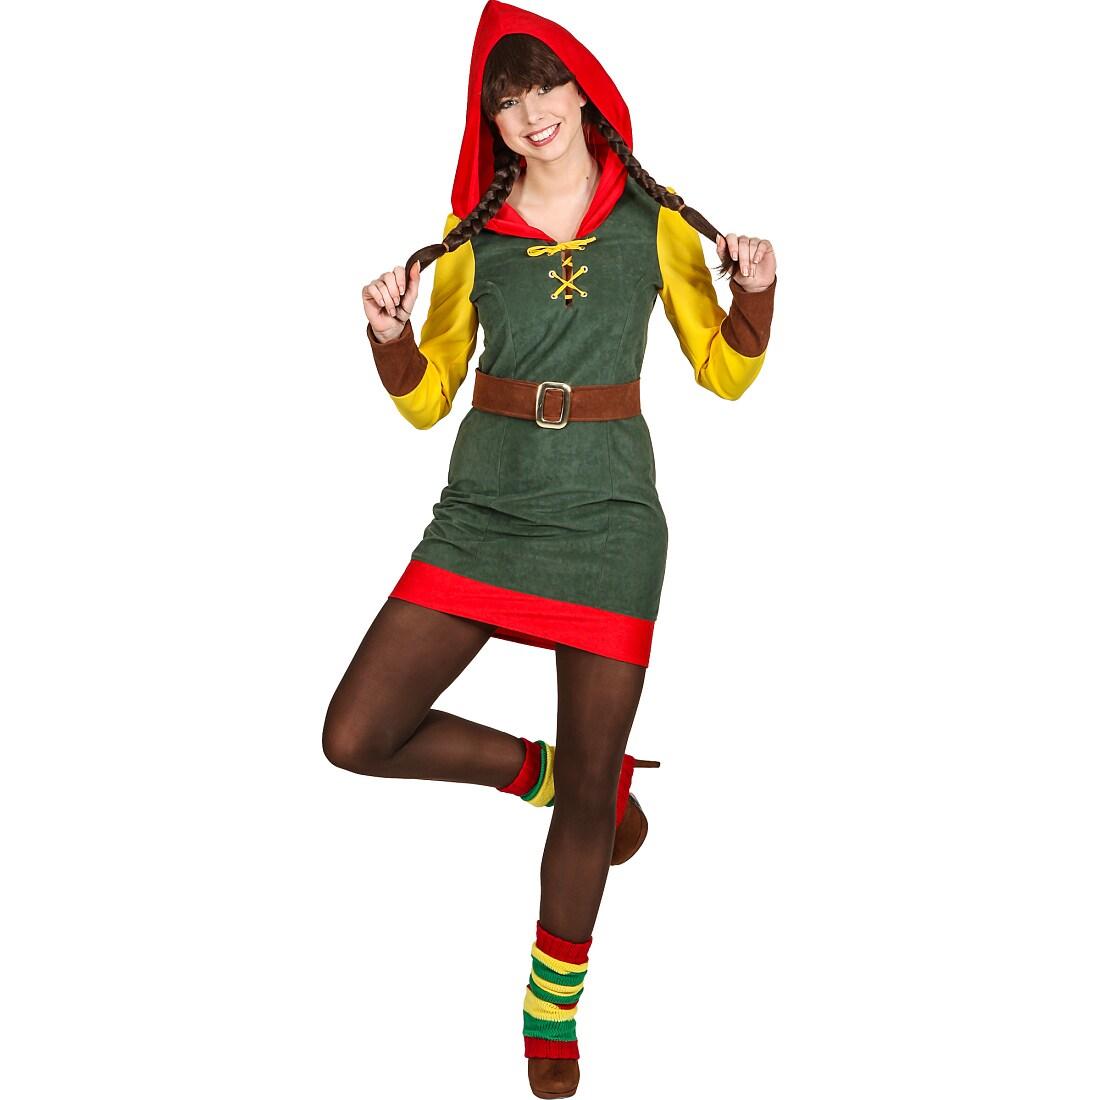 Hinreissendes Zwergen Kostum Fur Damen 29 99